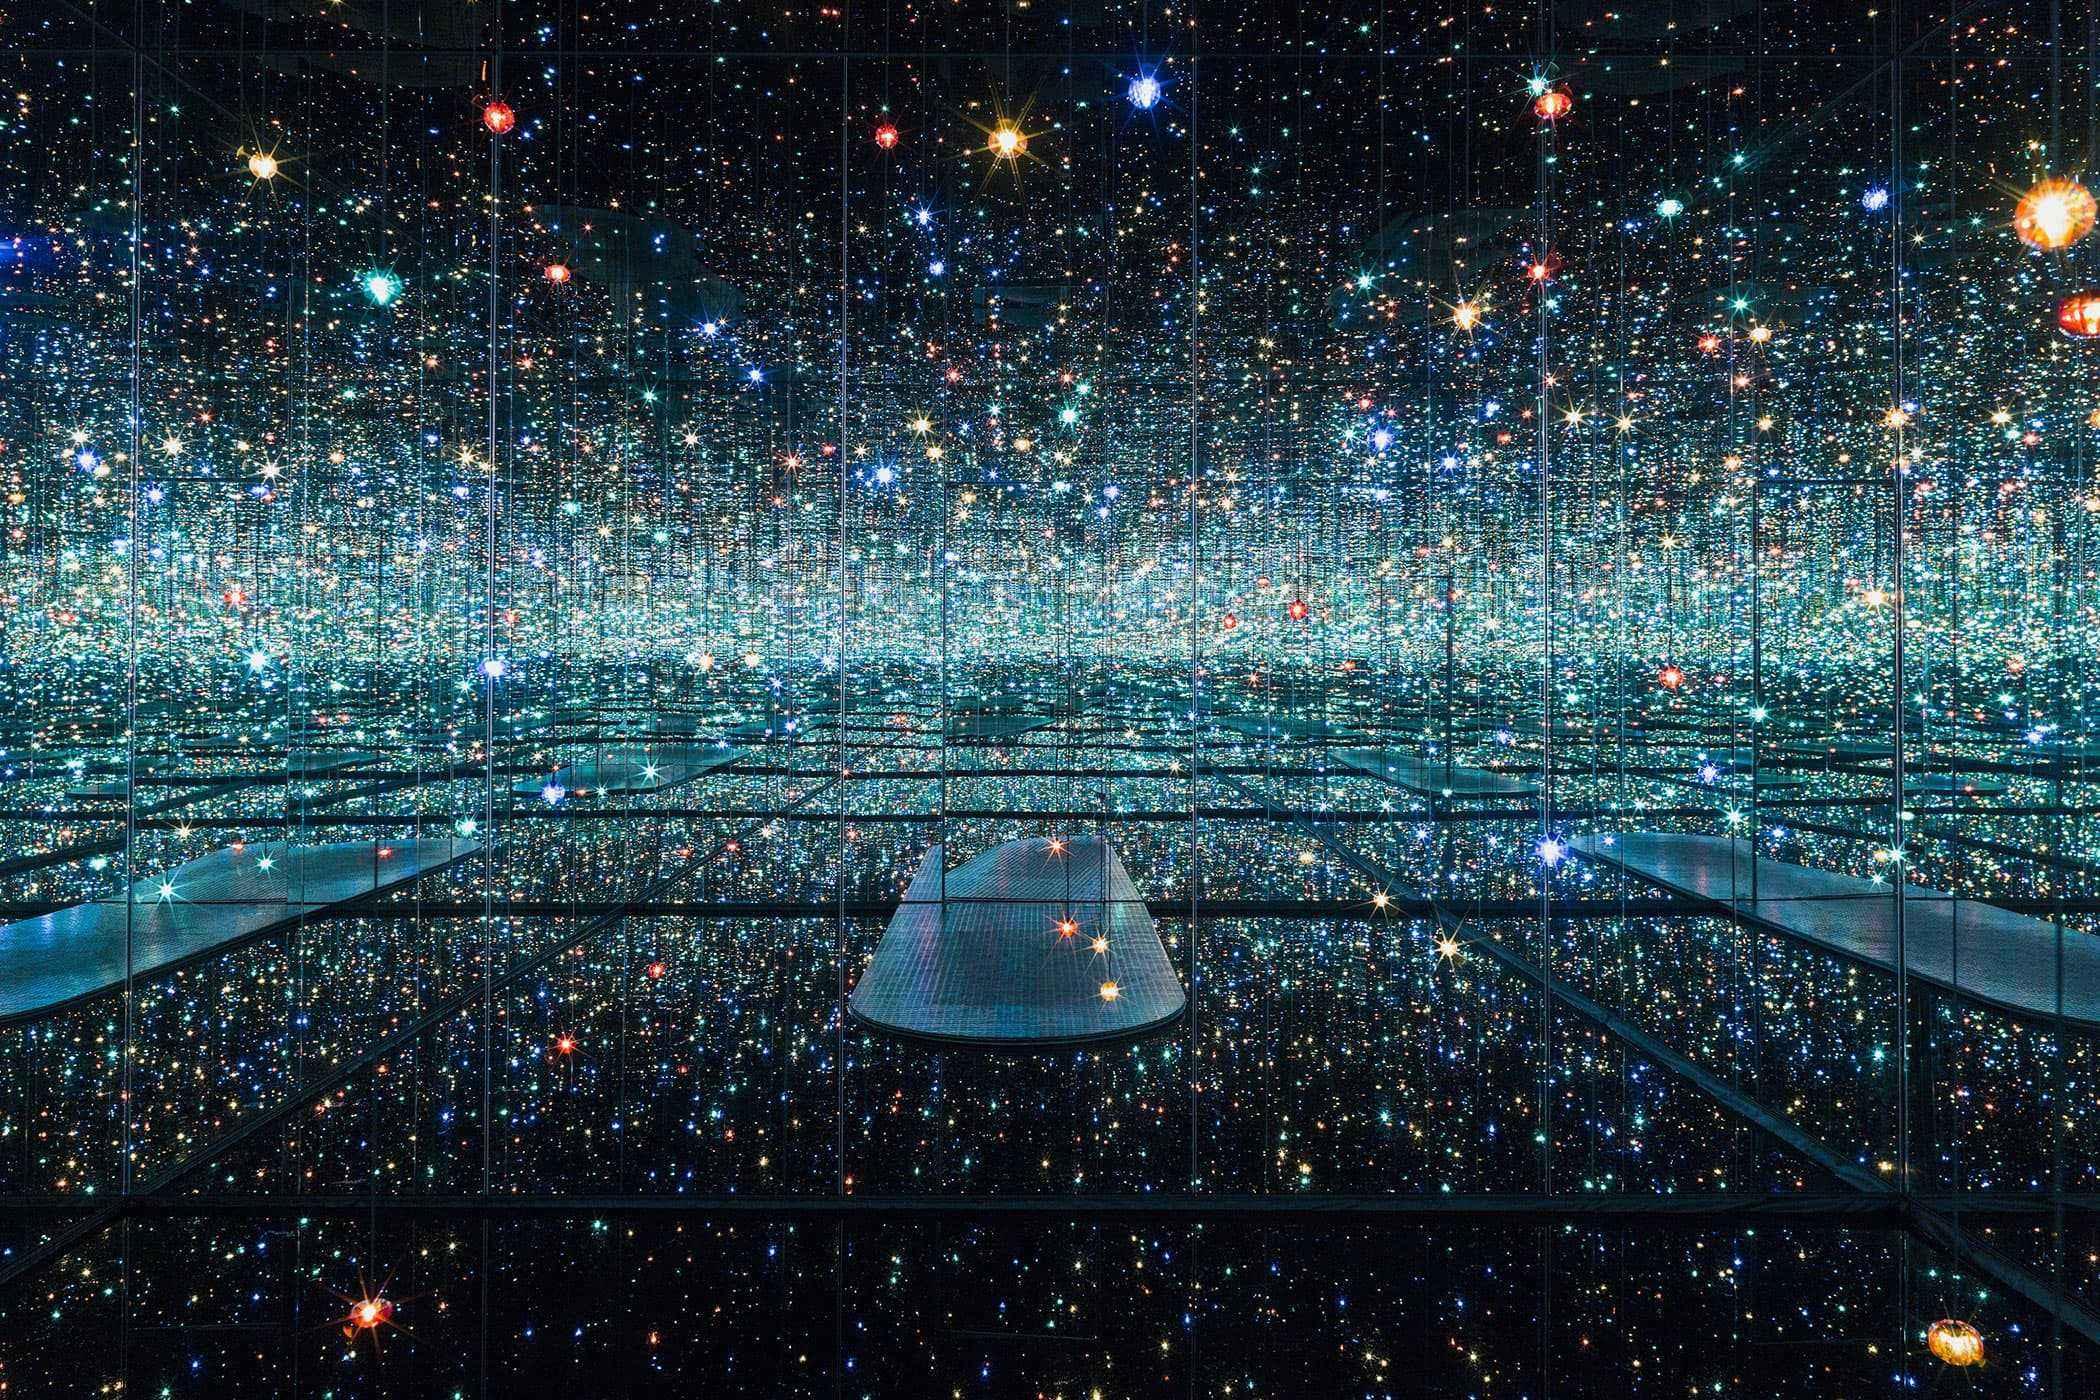 Yayoi-Kusama-Art-The-Souls-of-Millions-of-Light-Years-Away-2-1